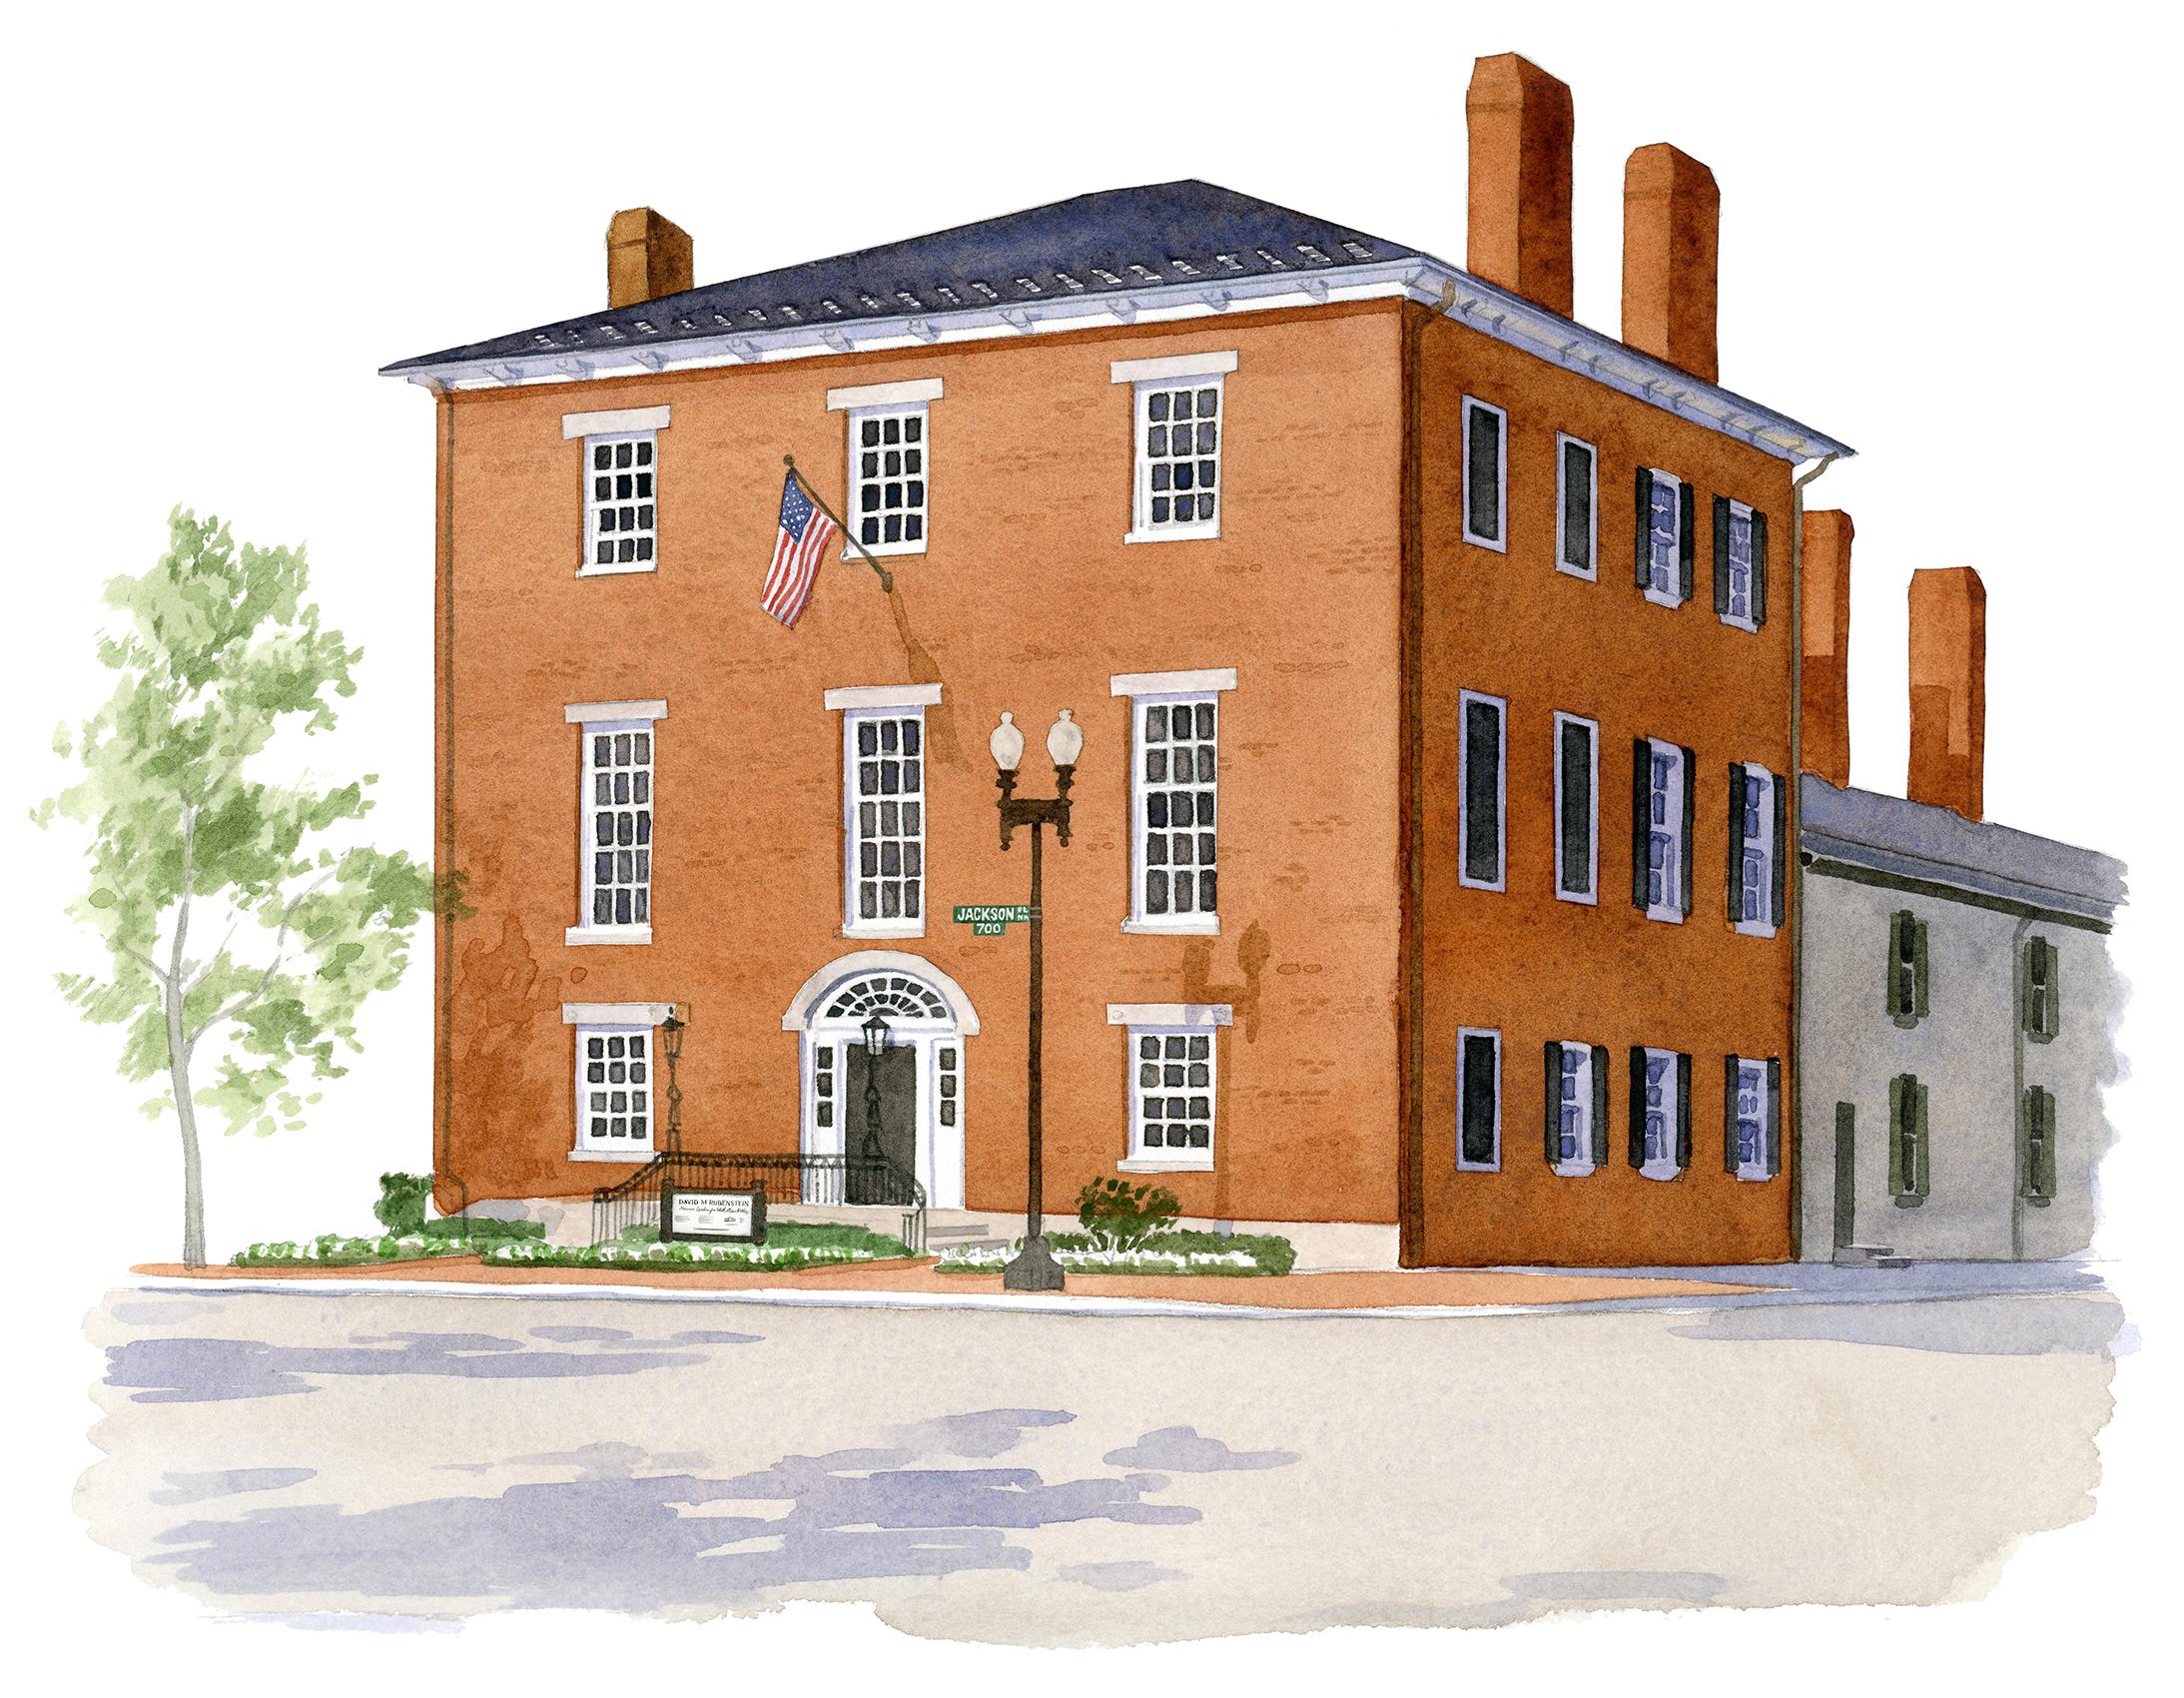 DECATUR HOUSE, Washington D.C.